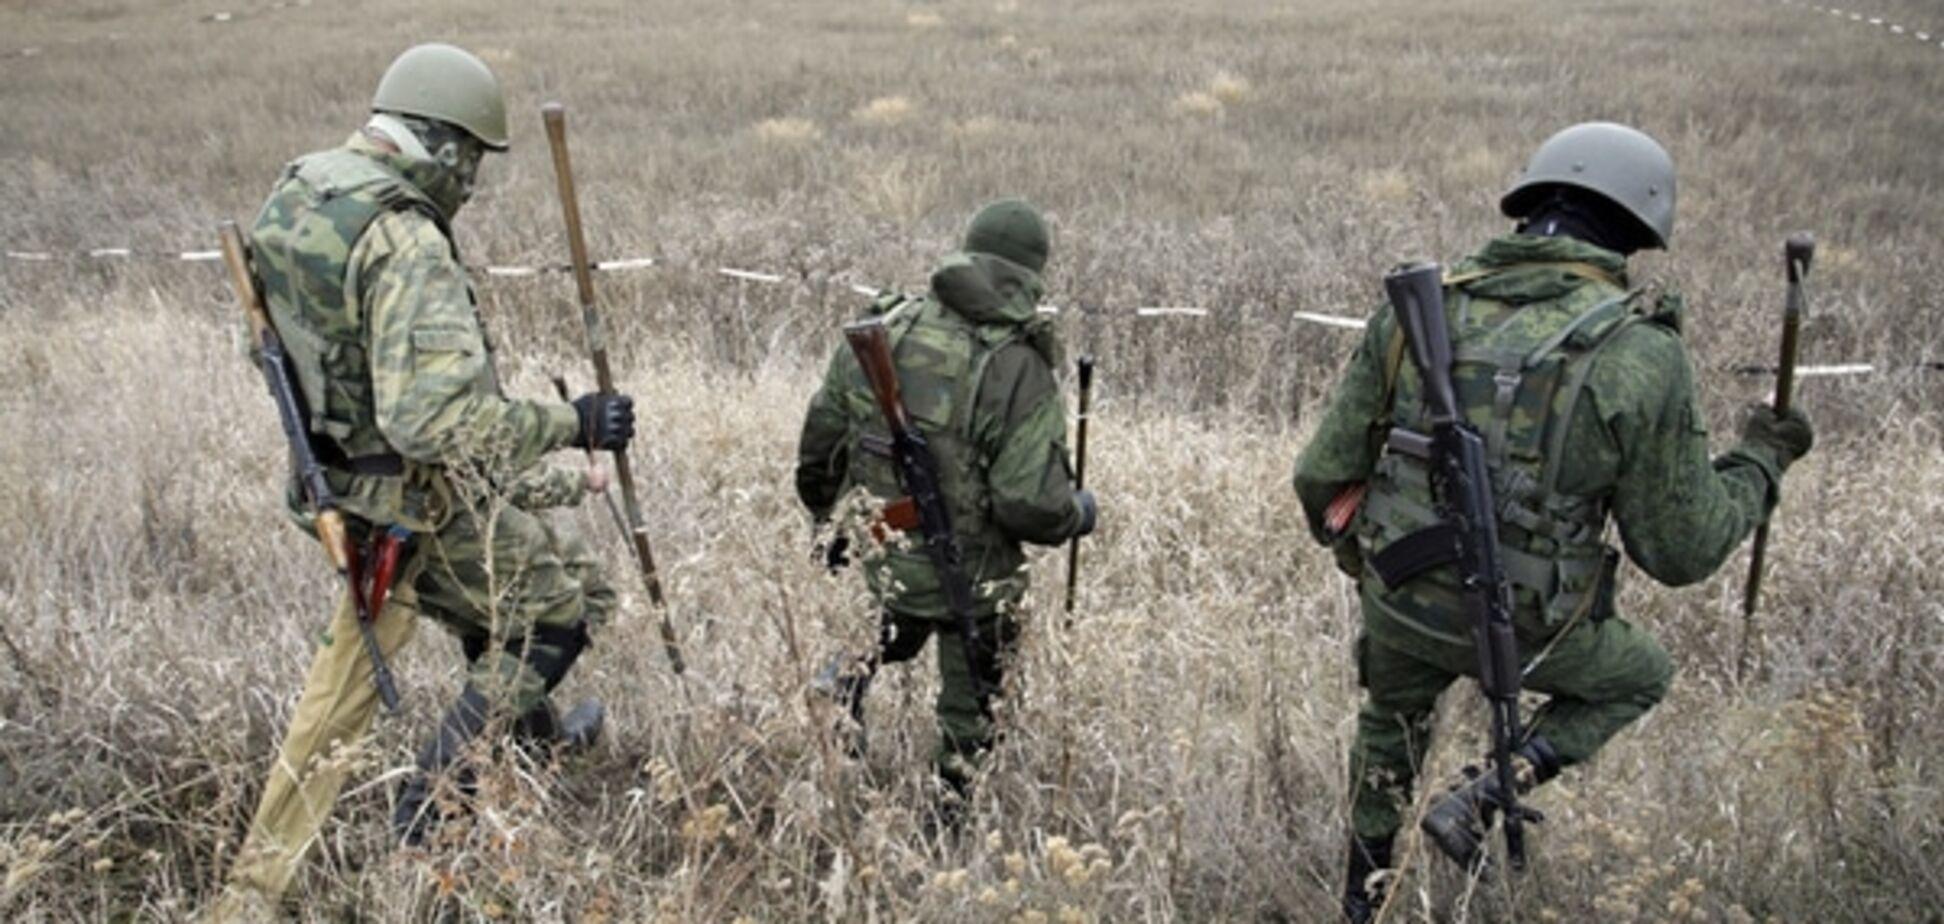 На Донбасі загинули 15 українських вояків: штаб АТО мовчить - ЗМІ